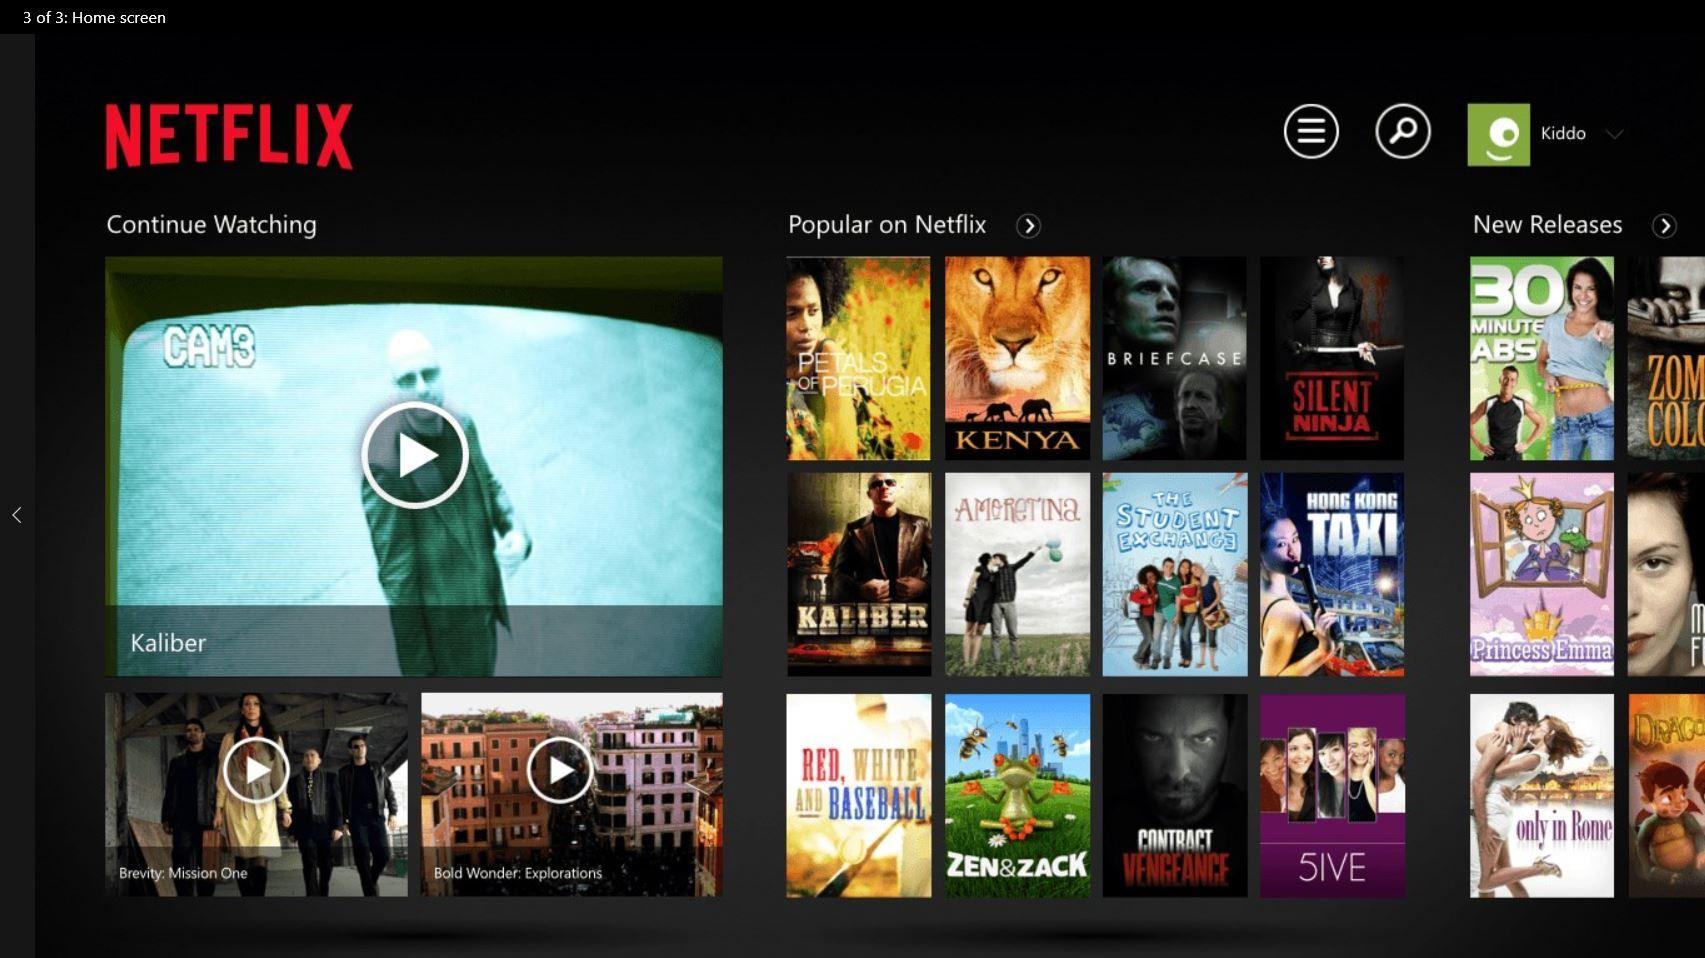 How to Fix Netflix Error U7353 in Windows 10 Netflix app